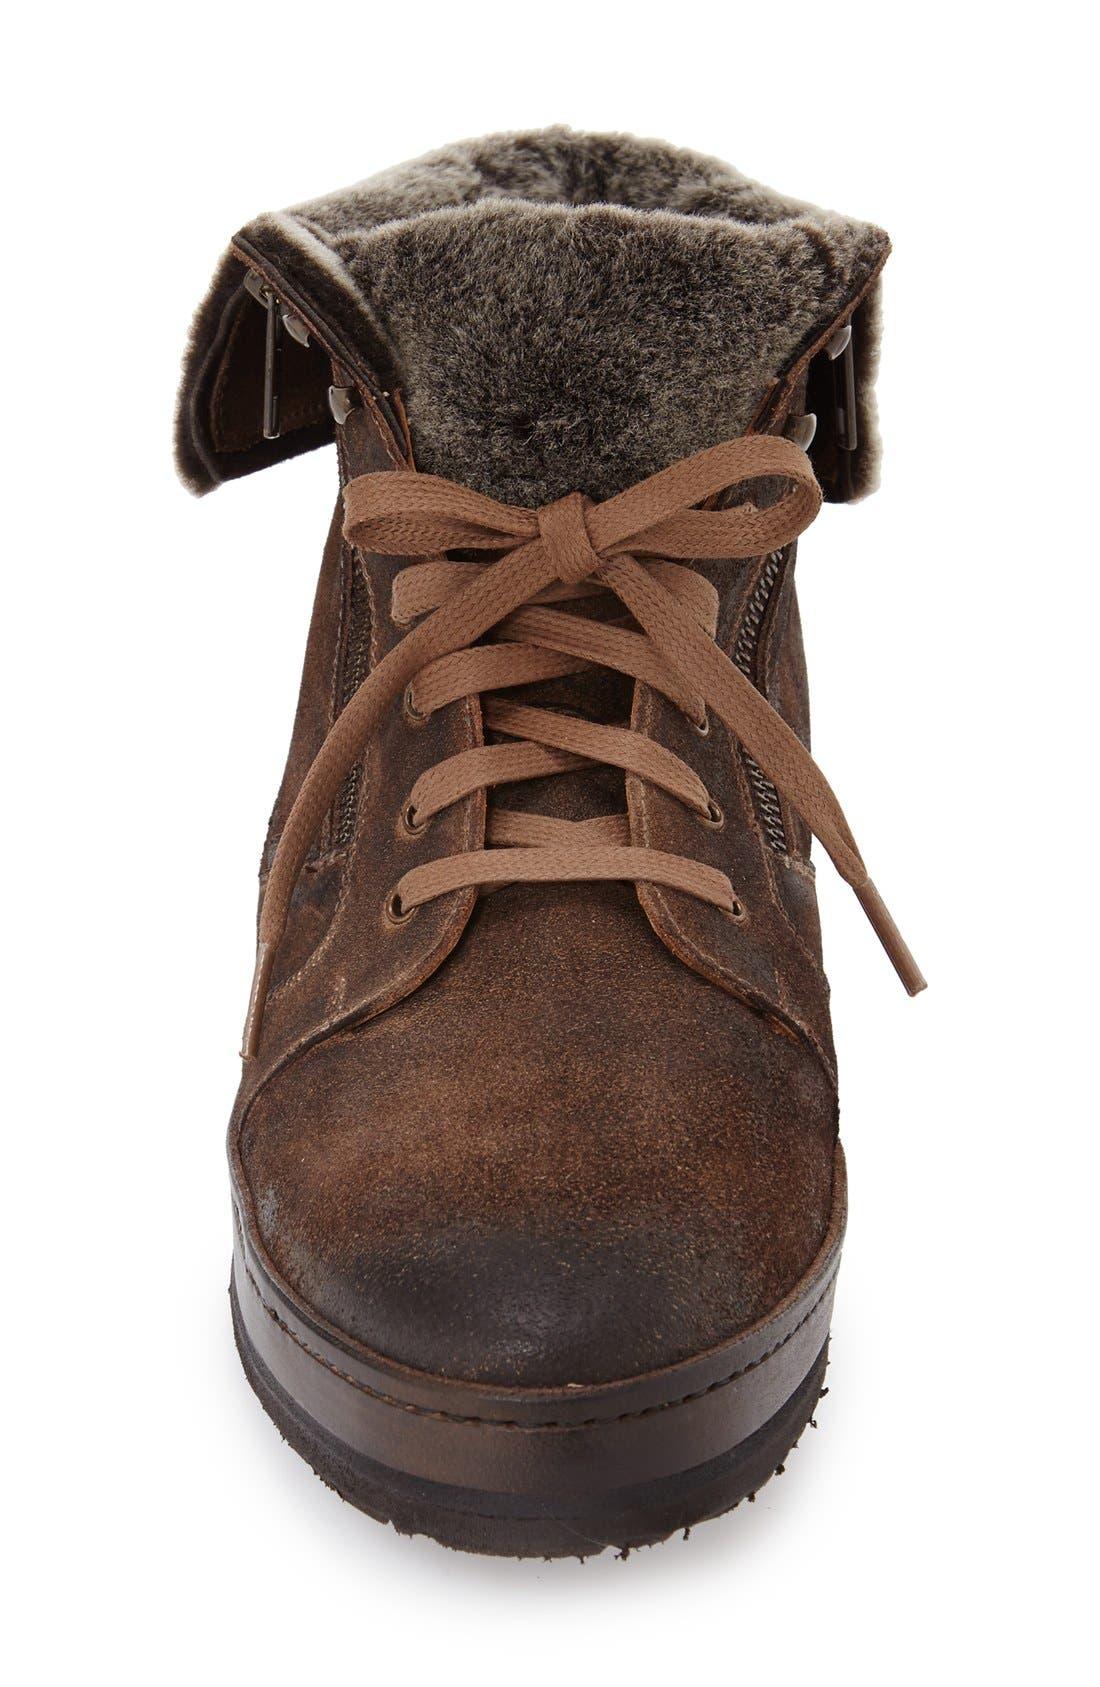 'Utrech' Sneaker Boot,                             Alternate thumbnail 3, color,                             238